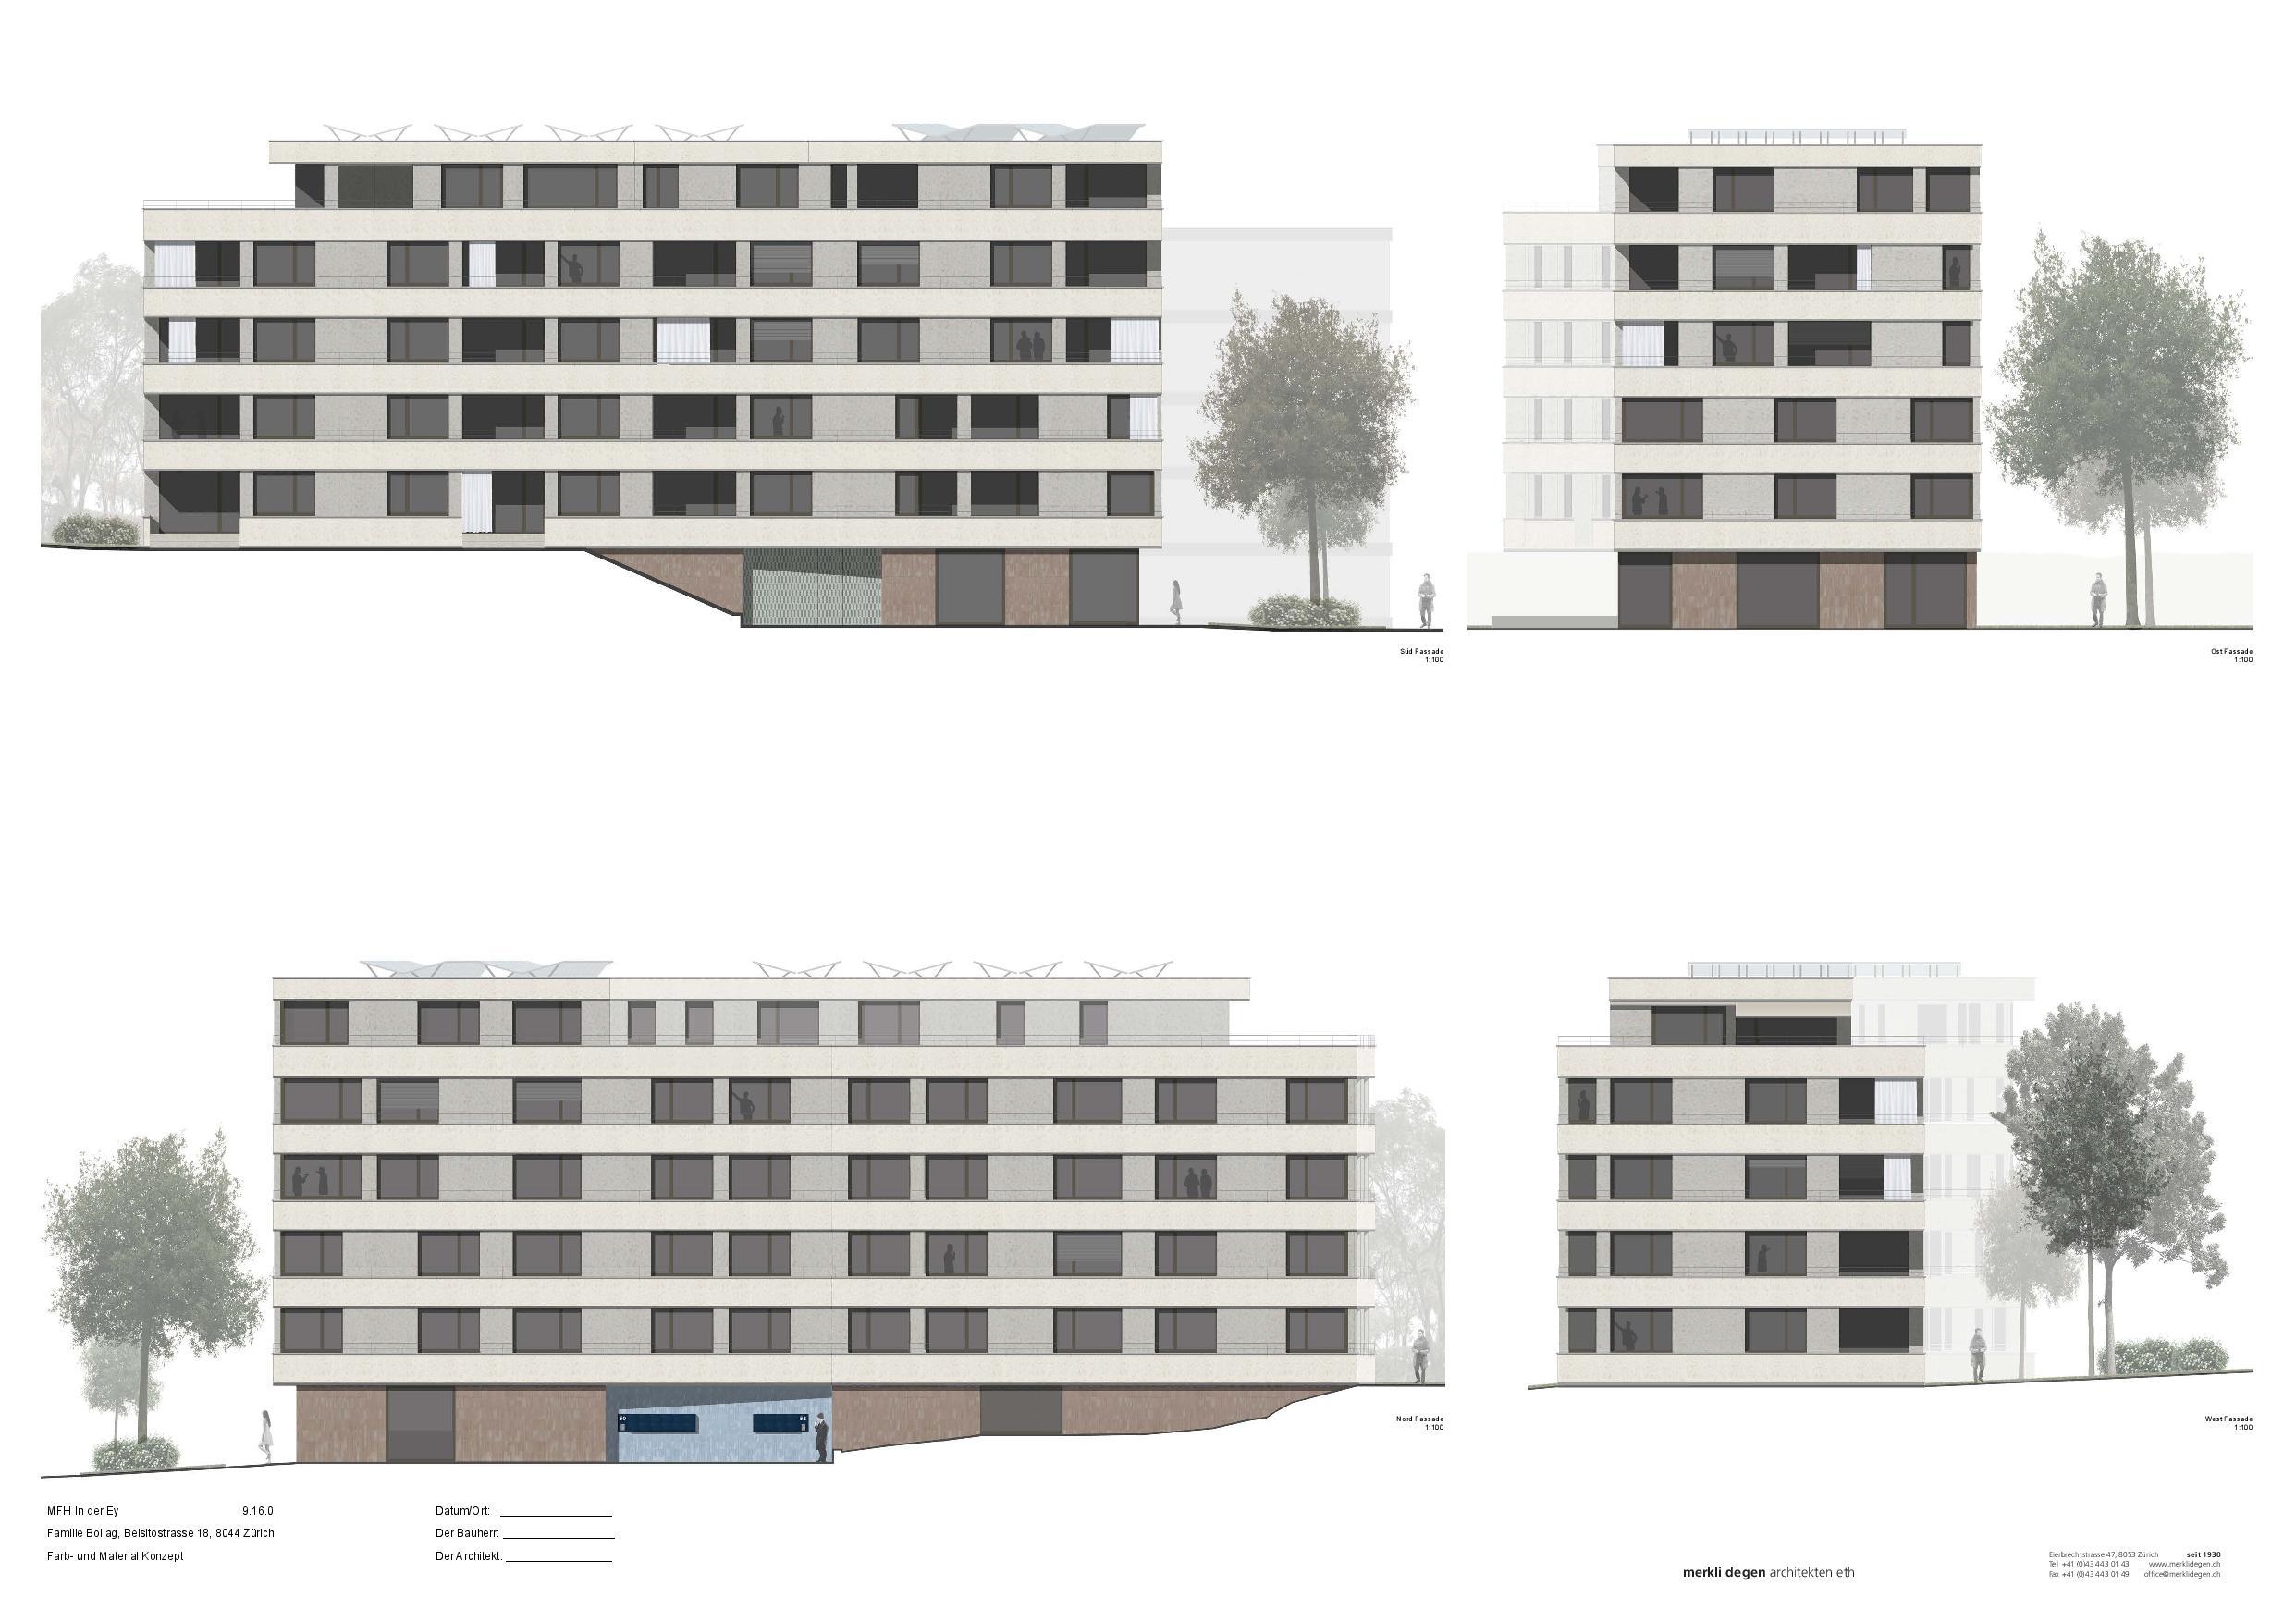 Façades Mehrfamilienhaus «In der Ey» de merkli degen architekten eth